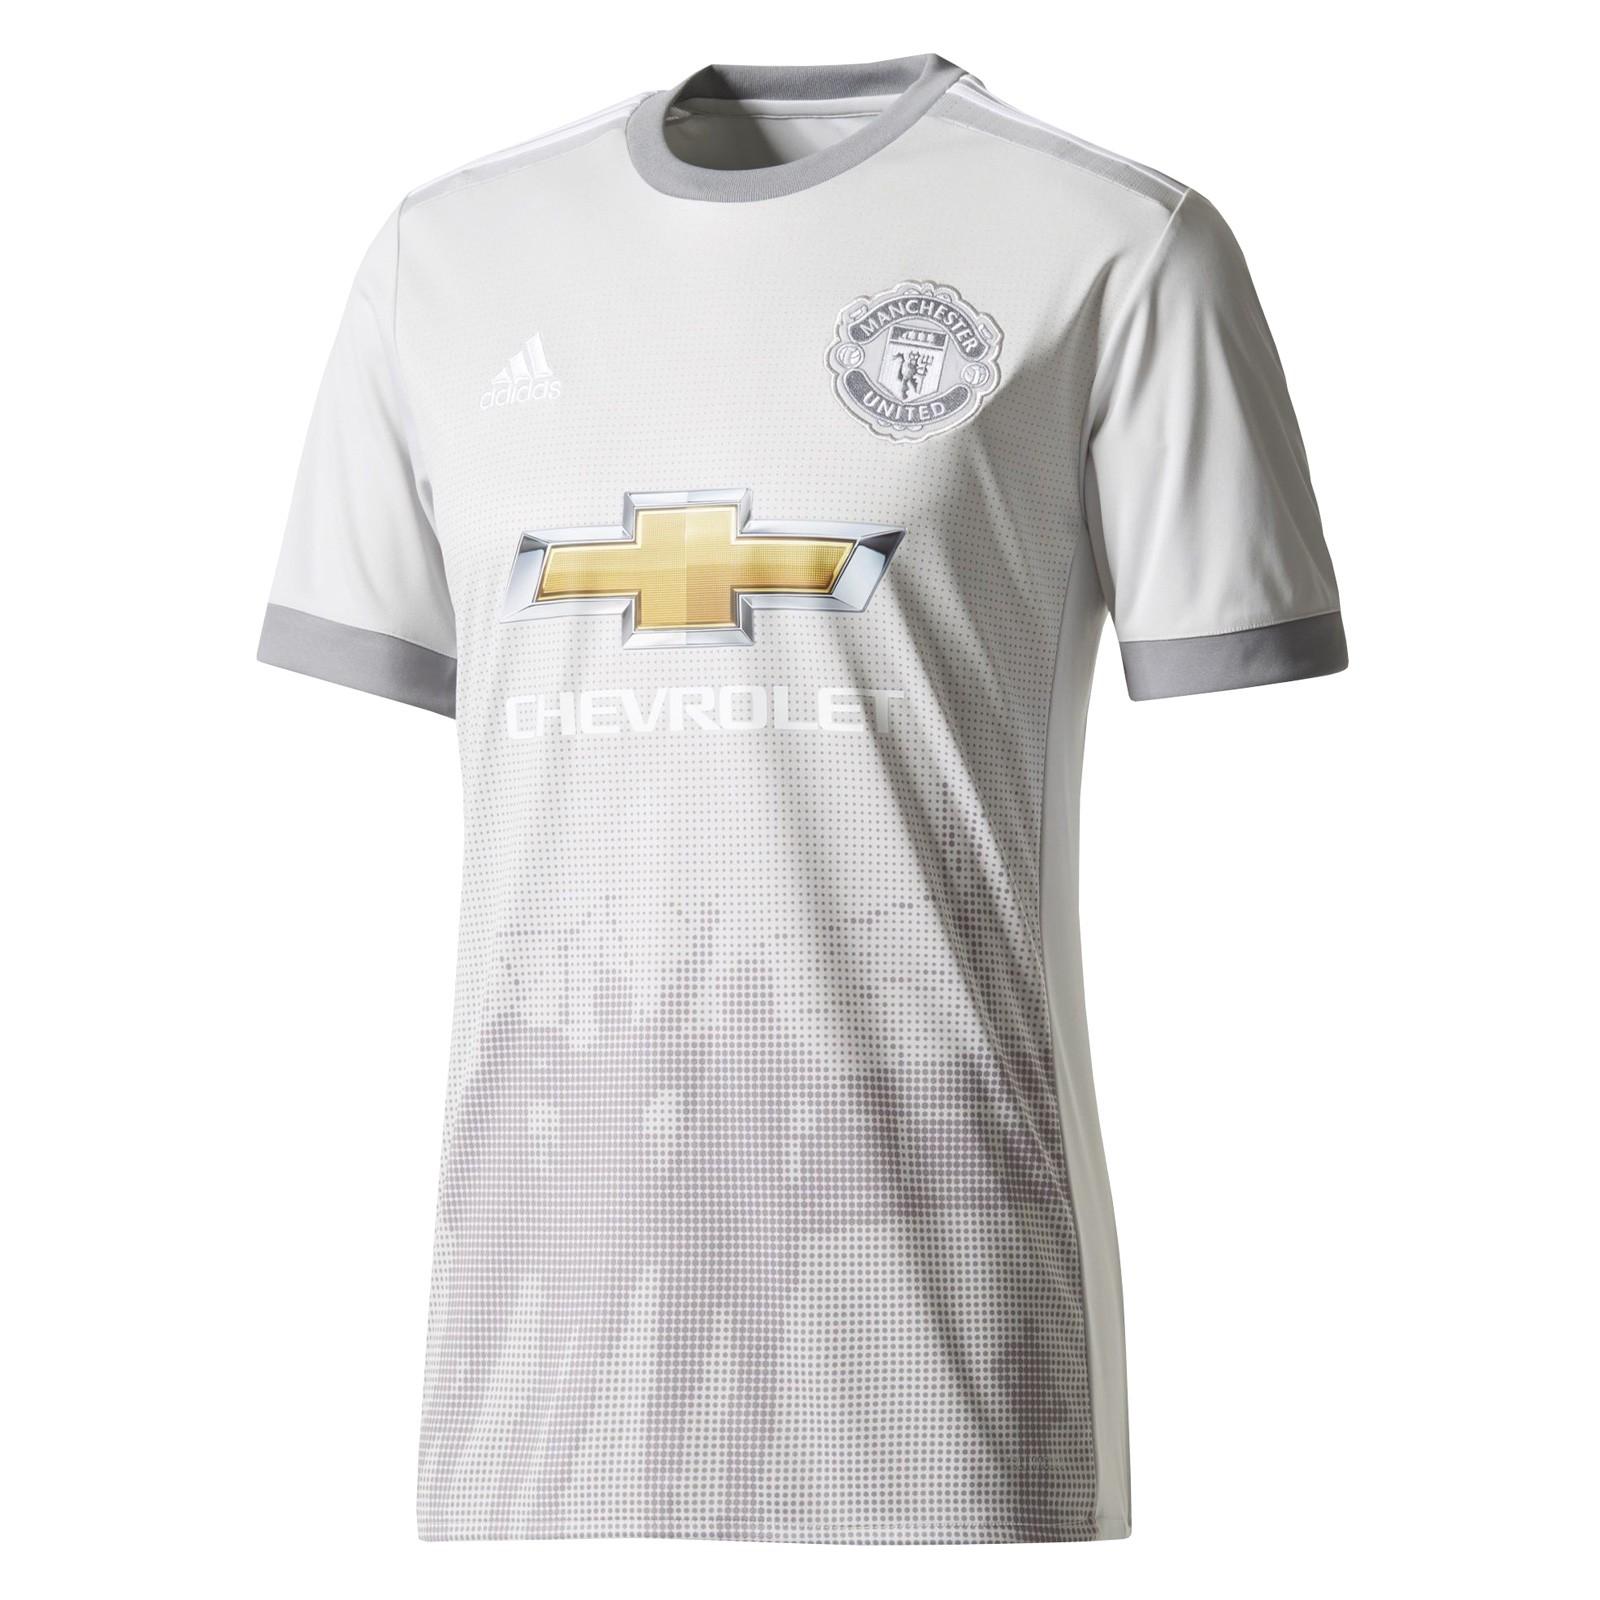 曼彻斯特联2017-18赛季球迷版第二客场球衣